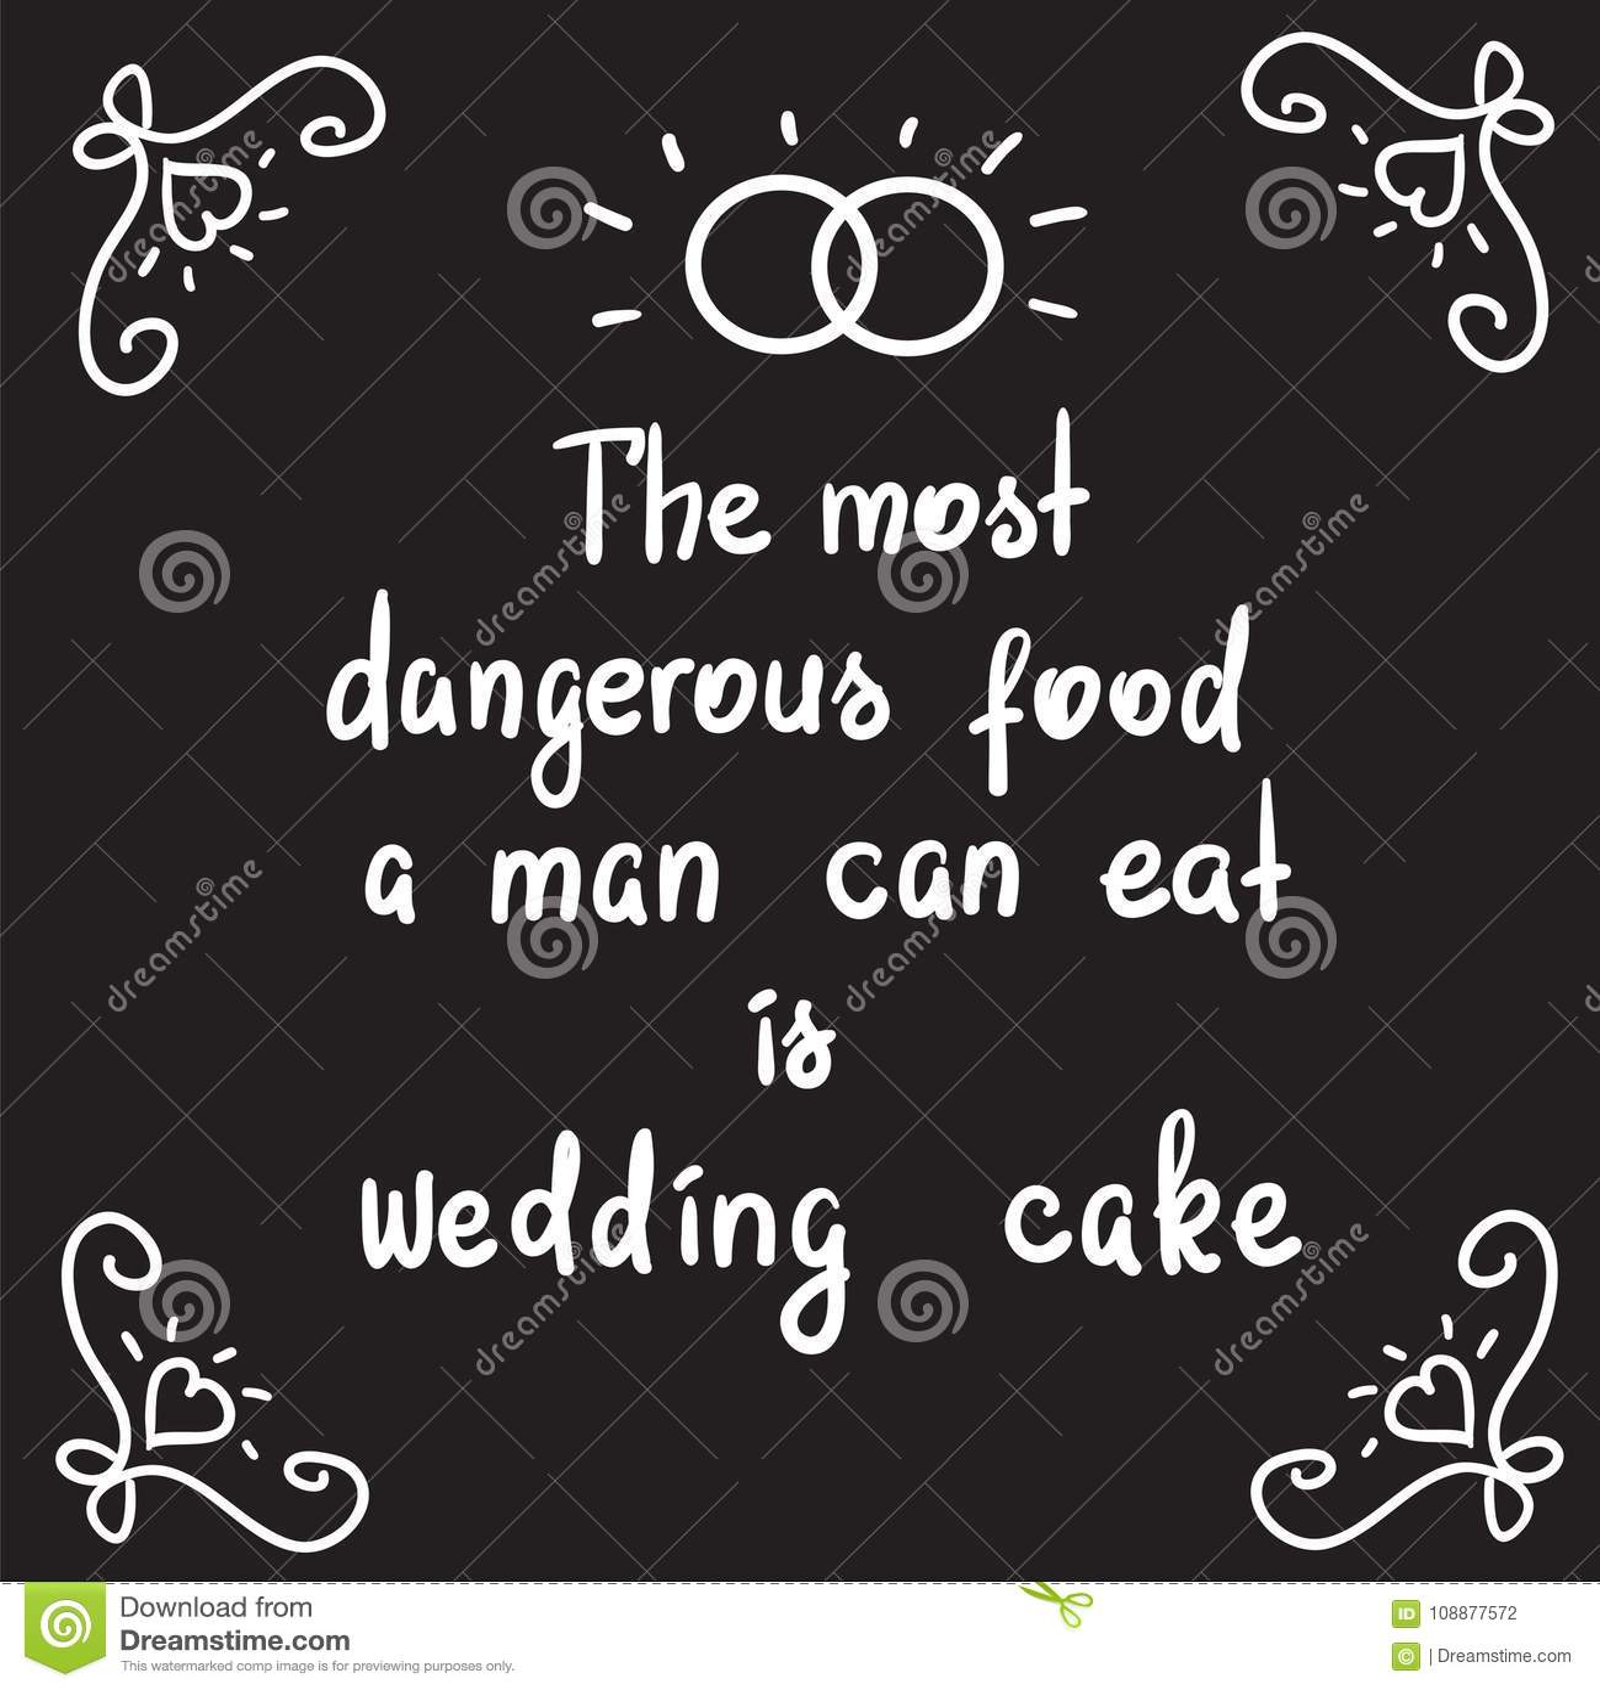 Самая опасная еда человек может съесть свадебный пирог - мотивационная литерность цитаты